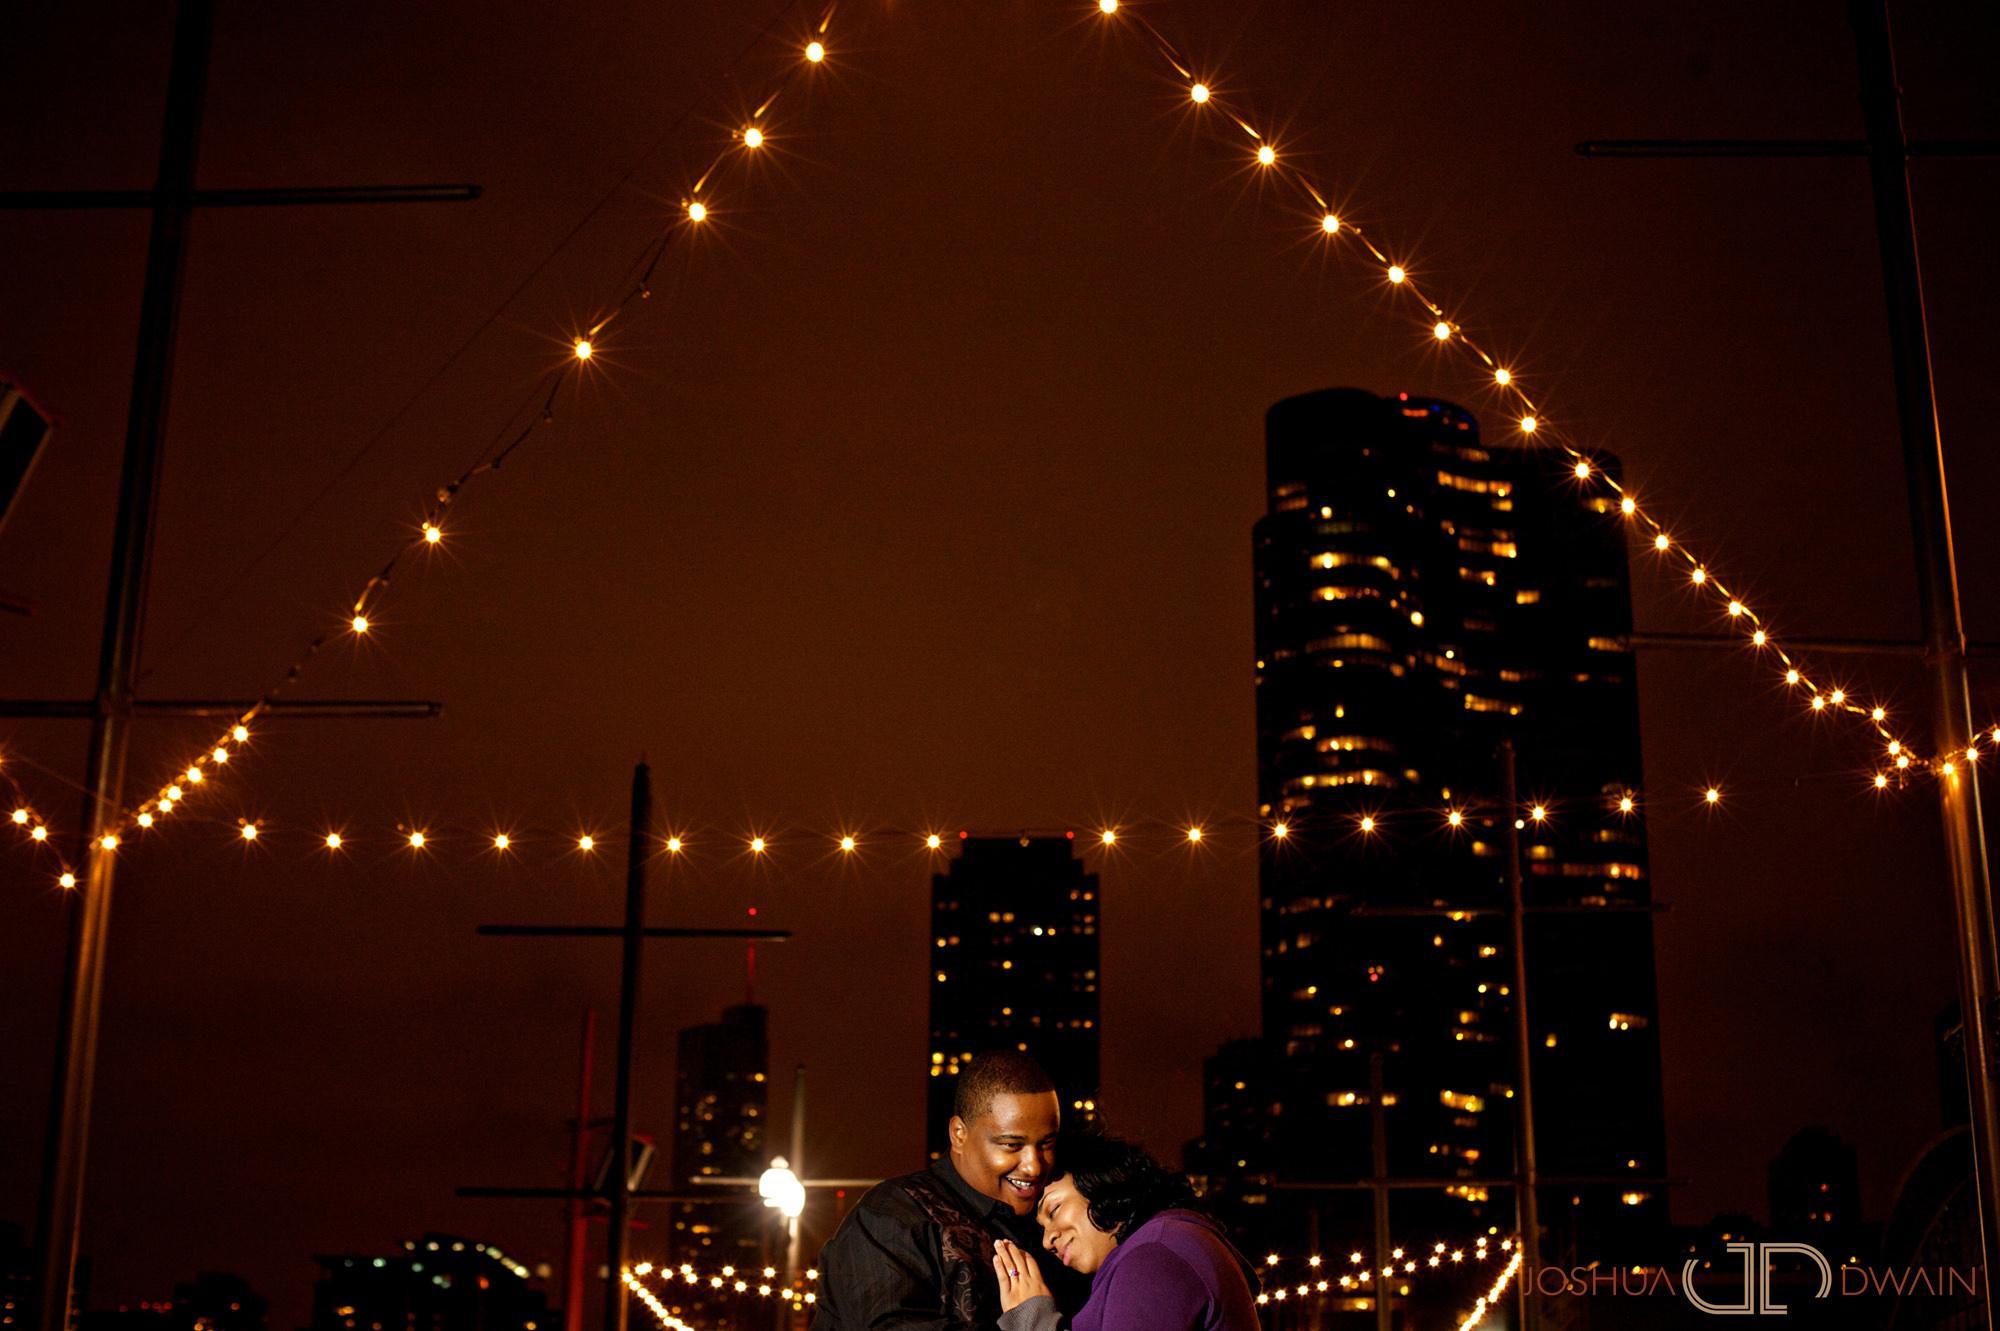 monique-john-007-chicago-il-engagement-photographer-joshua-dwain-2011-11-19_mj_060